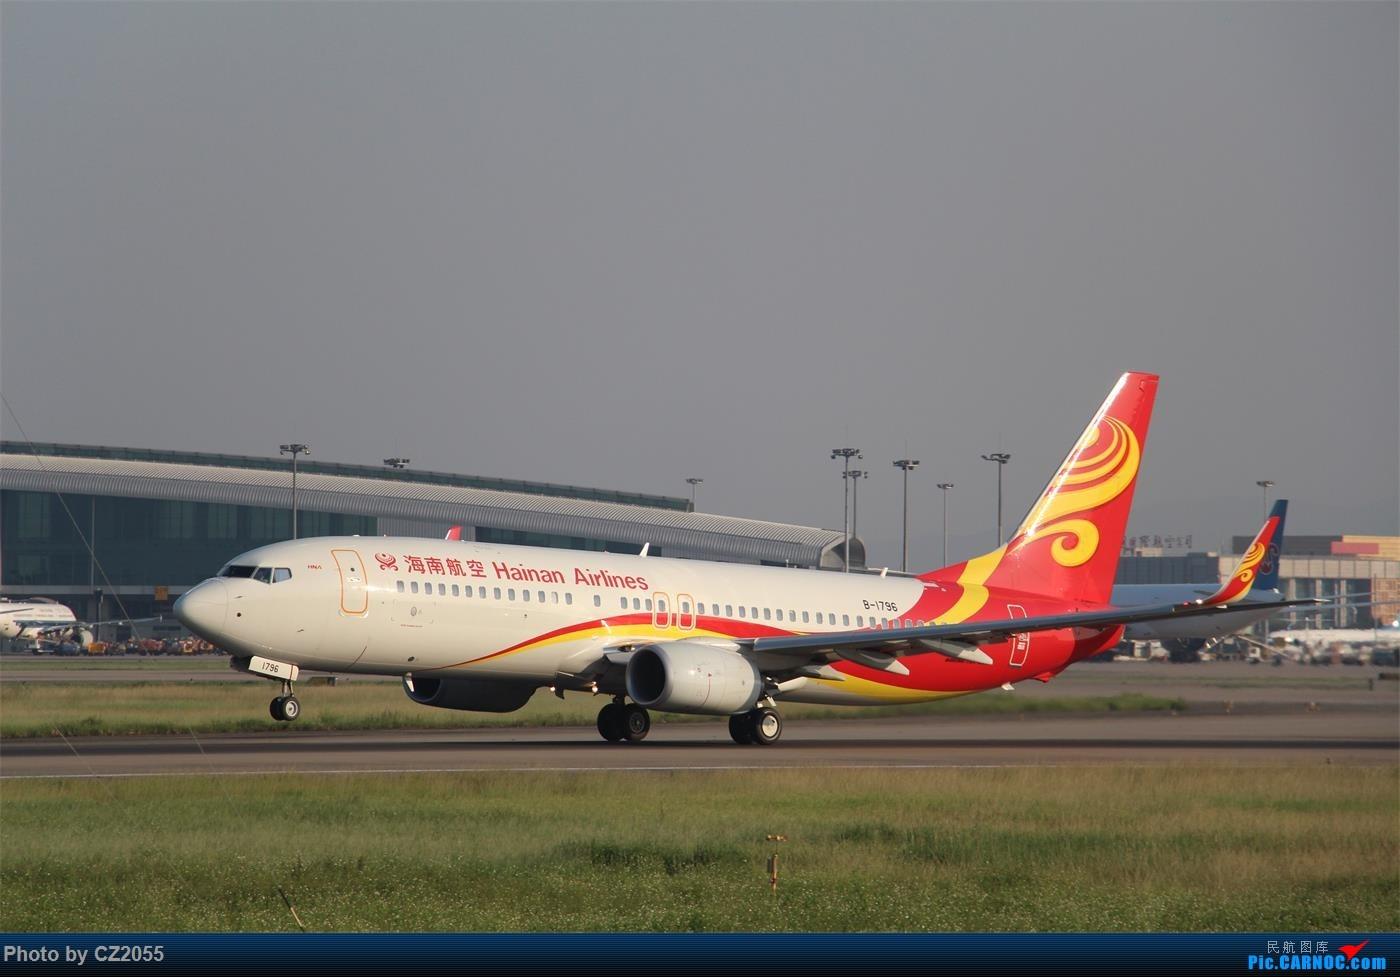 Re:[原创]【广东青少年拍机小队】【C-Z-2055】2015即将结束,来做个总结。 BOEING 737-800 B-1796 中国广州白云国际机场